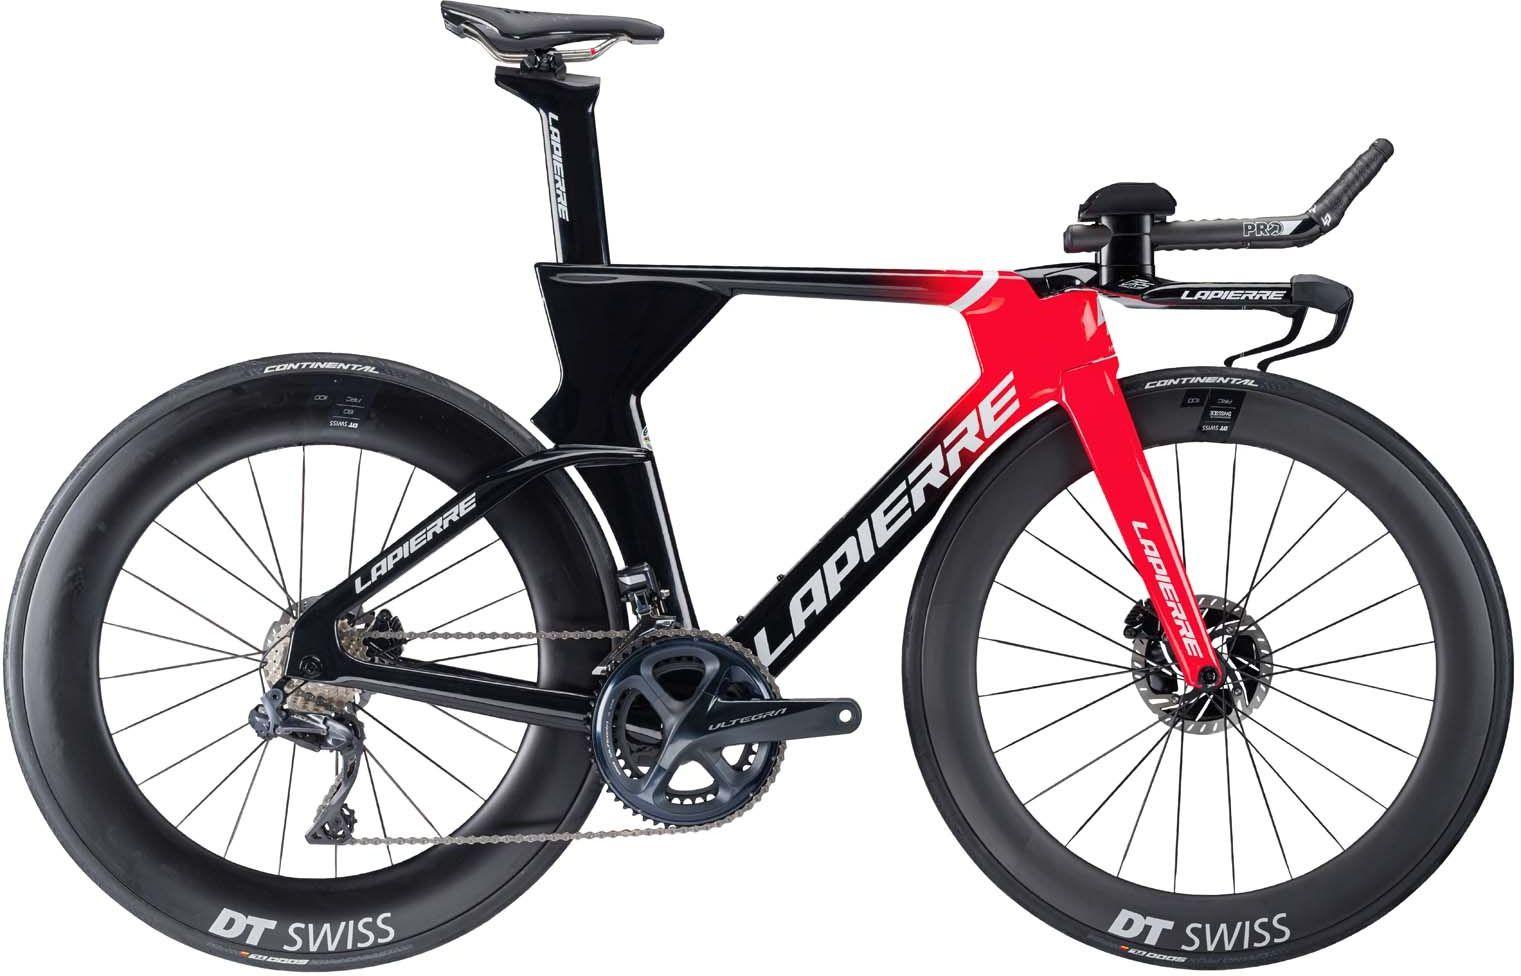 Fahrräder: Diamant  AEROSTORM DRS 22 Gang Kettenschaltung Herrenfahrrad Diamant Modell 2021 28 Zoll 58 cm